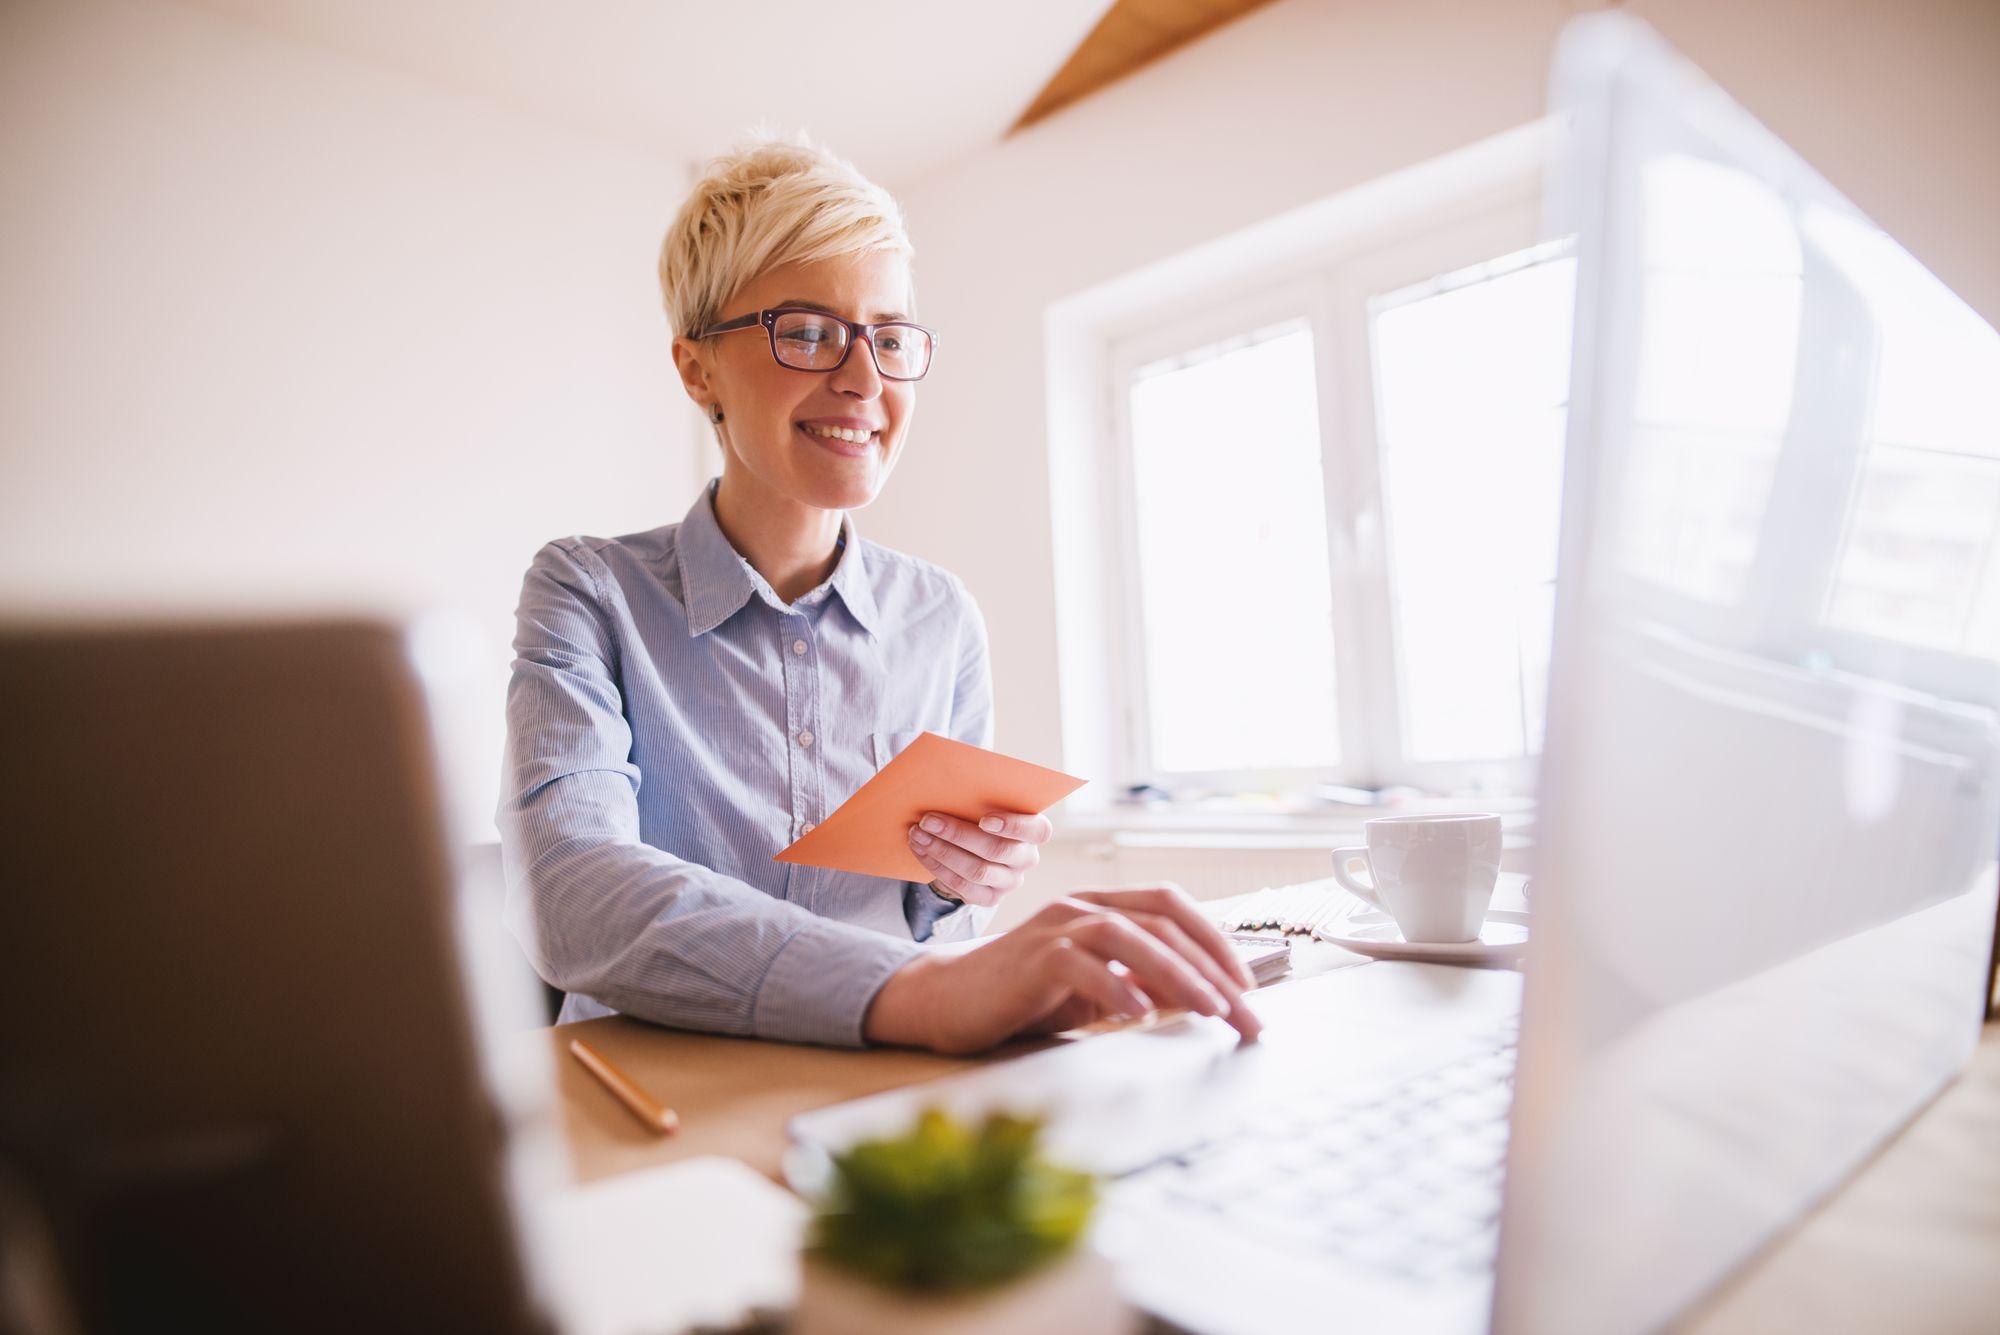 Gestão de contratos: 8 dicas certeiras para fazer na sua agência